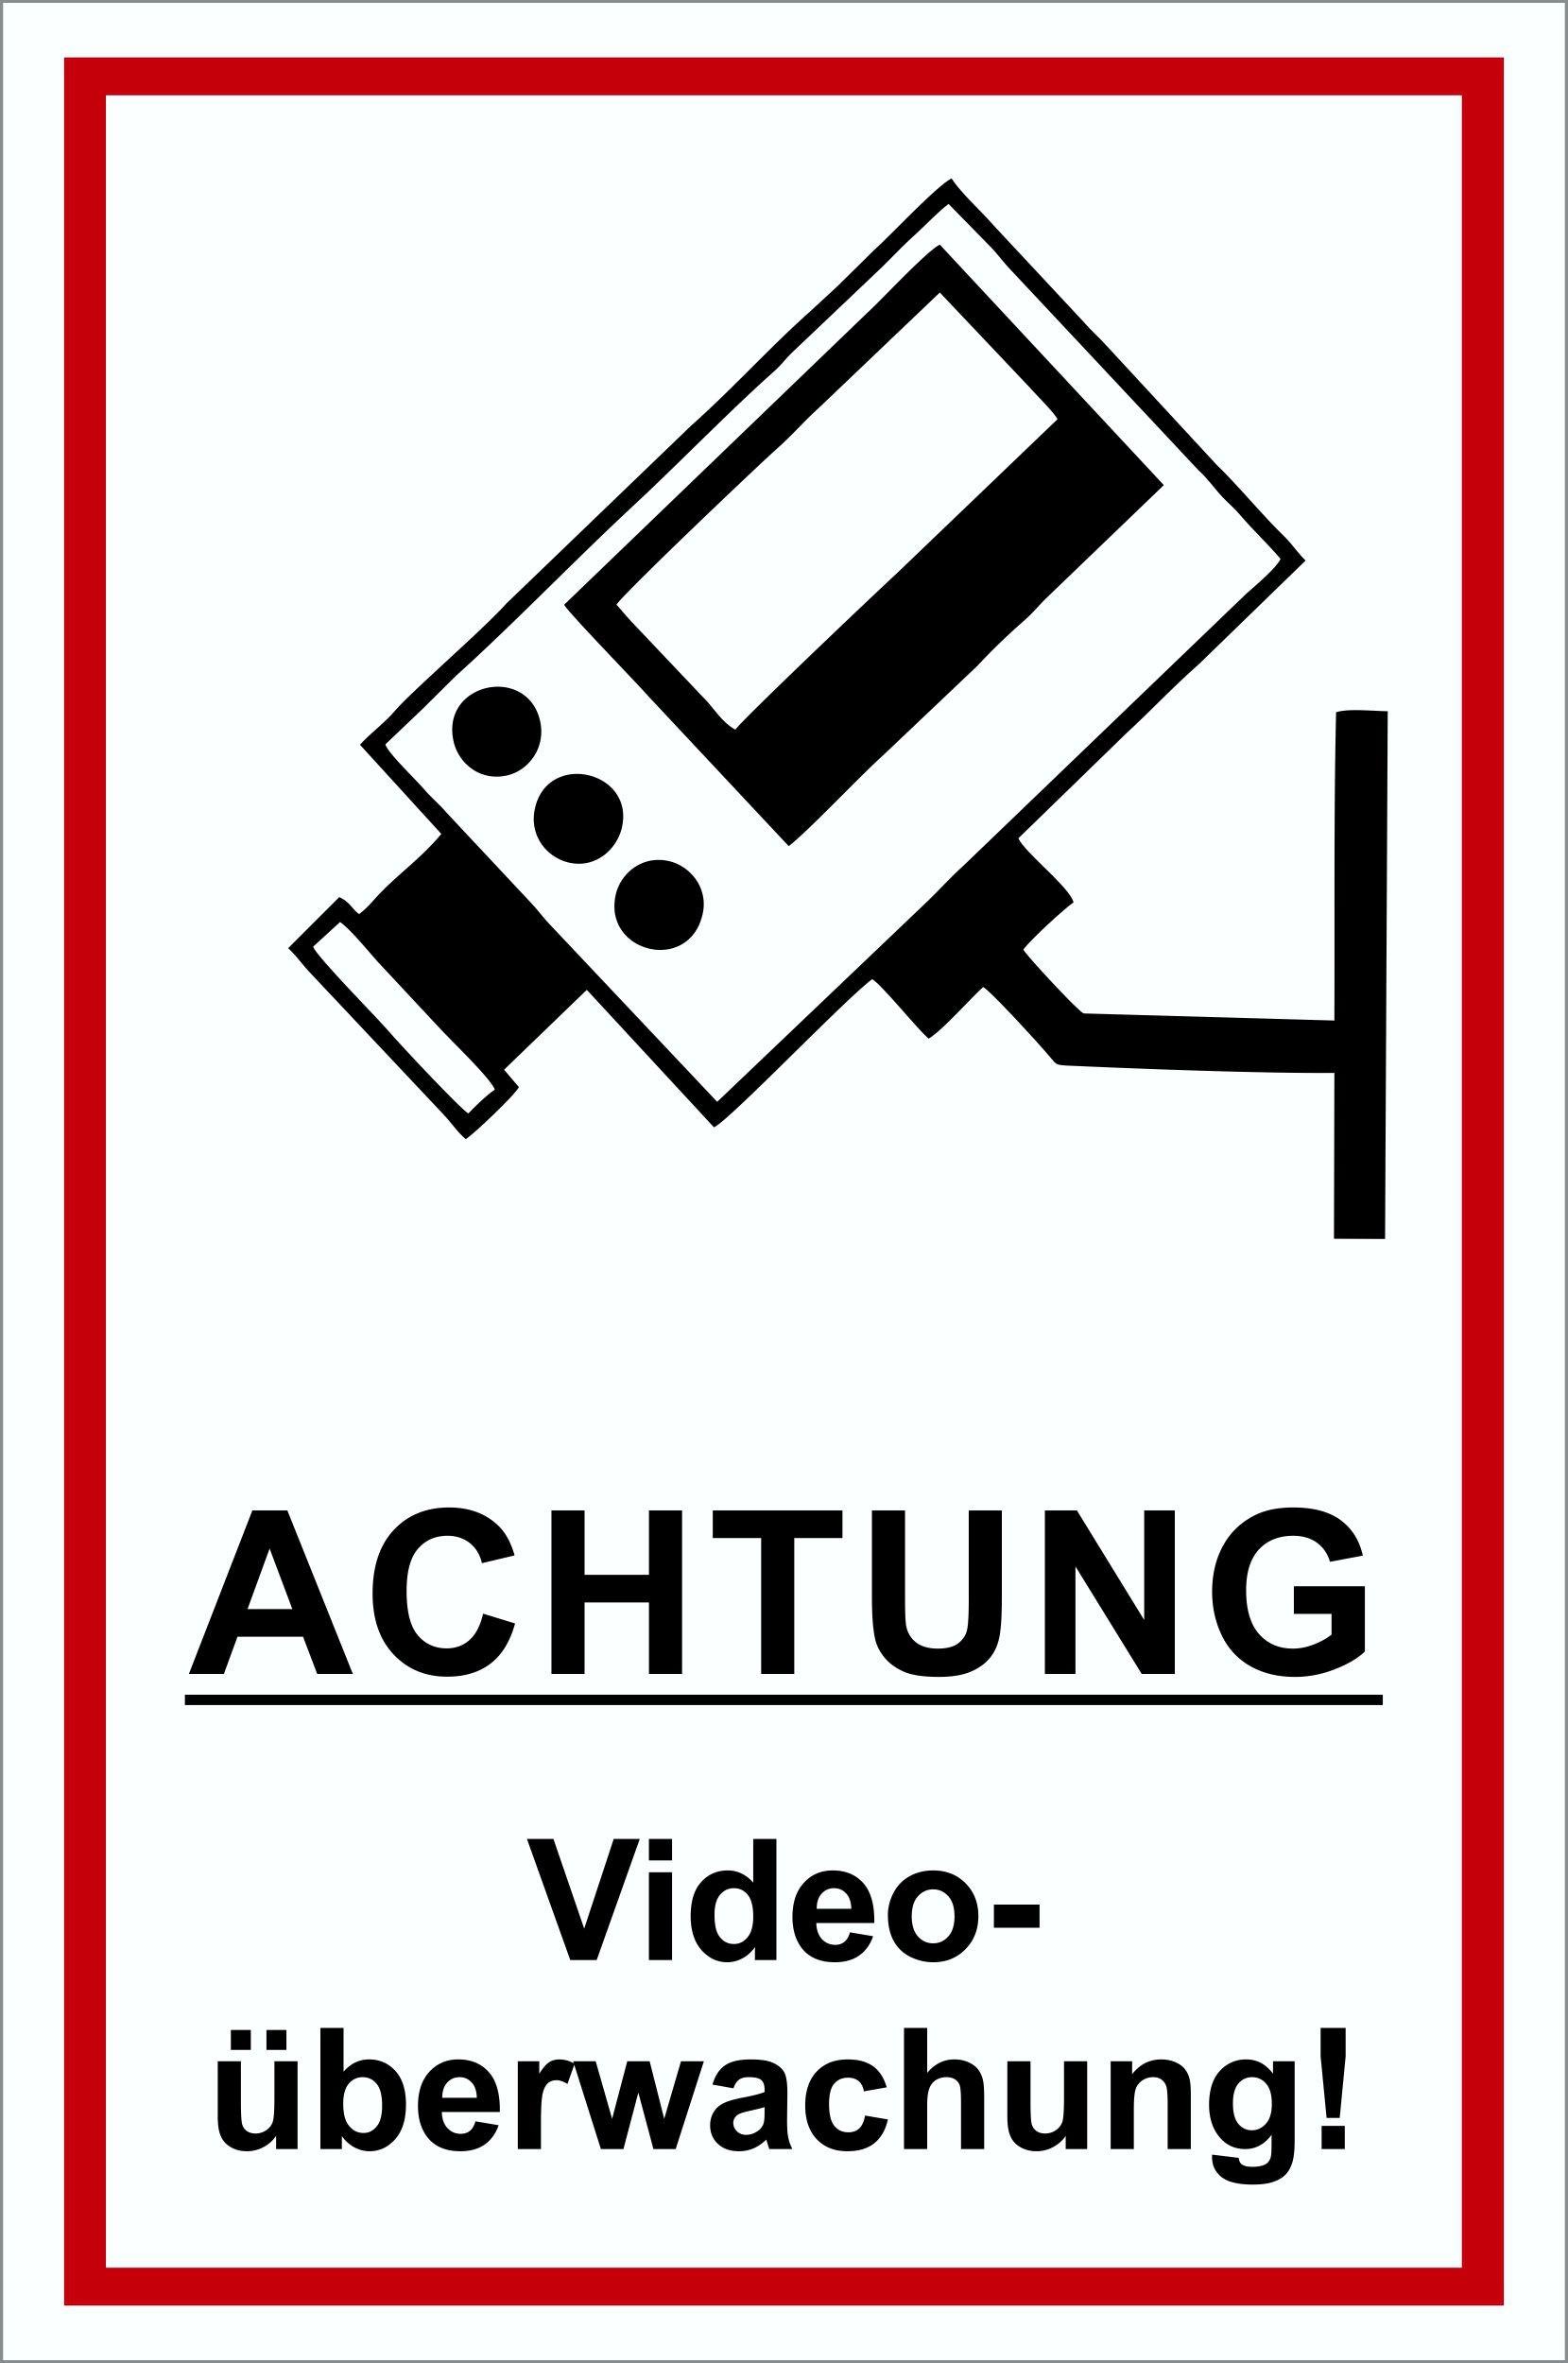 Achtung Videoüberwachung! 300 x 200 mm Warn- Hinweis- und Verbotsschild PST-Kunststoff – Bild 1